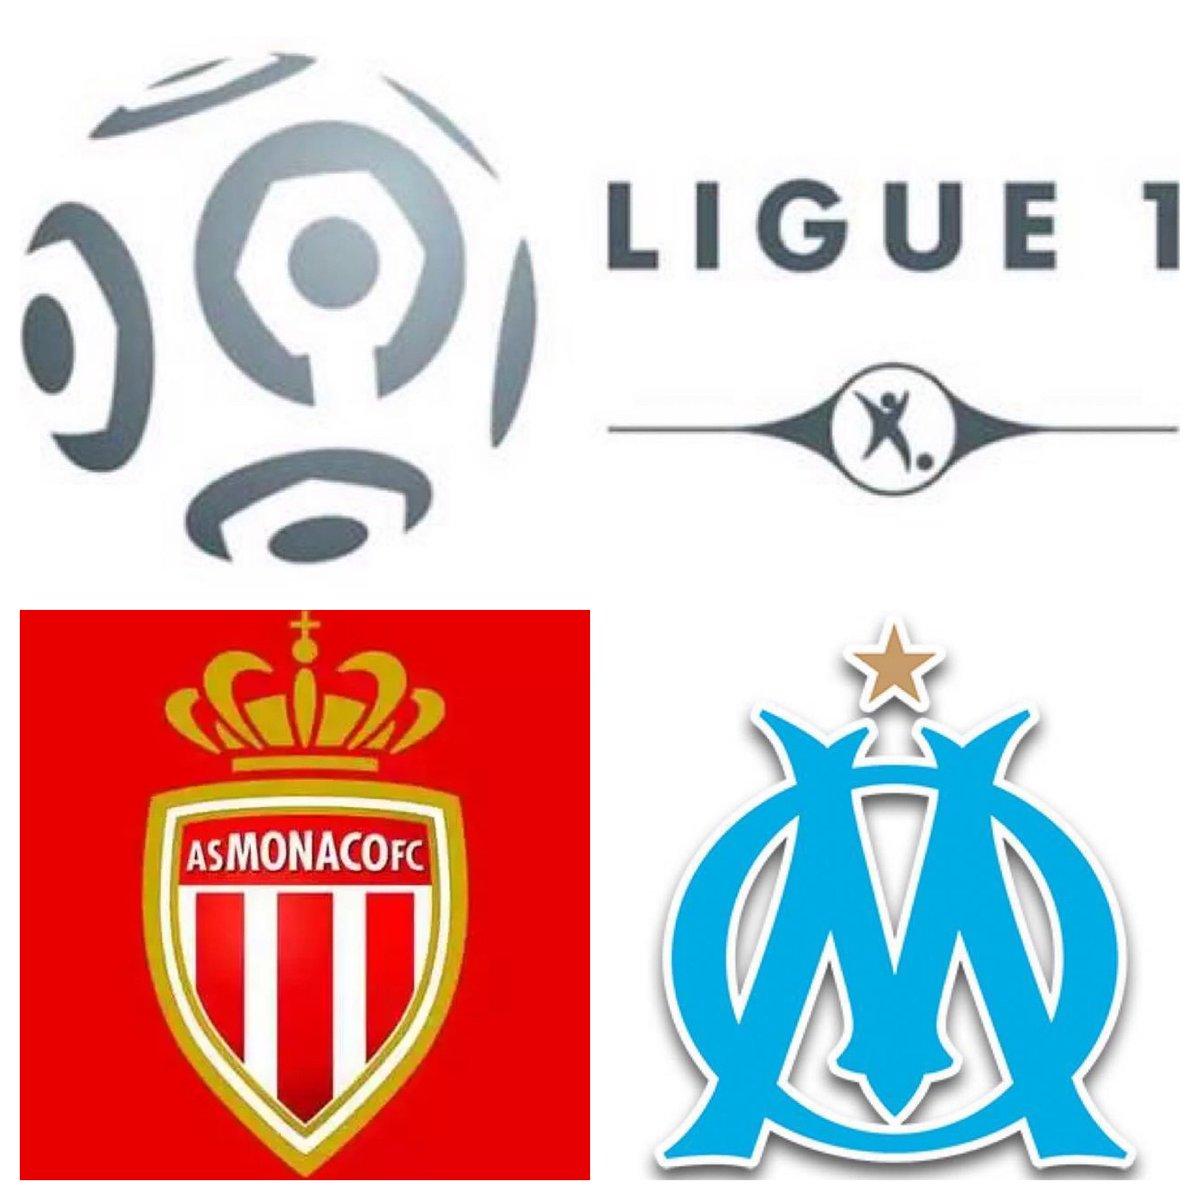 #IESRSN #Marseille @ #Monaco is underway! #Ligue1 #ASMOM